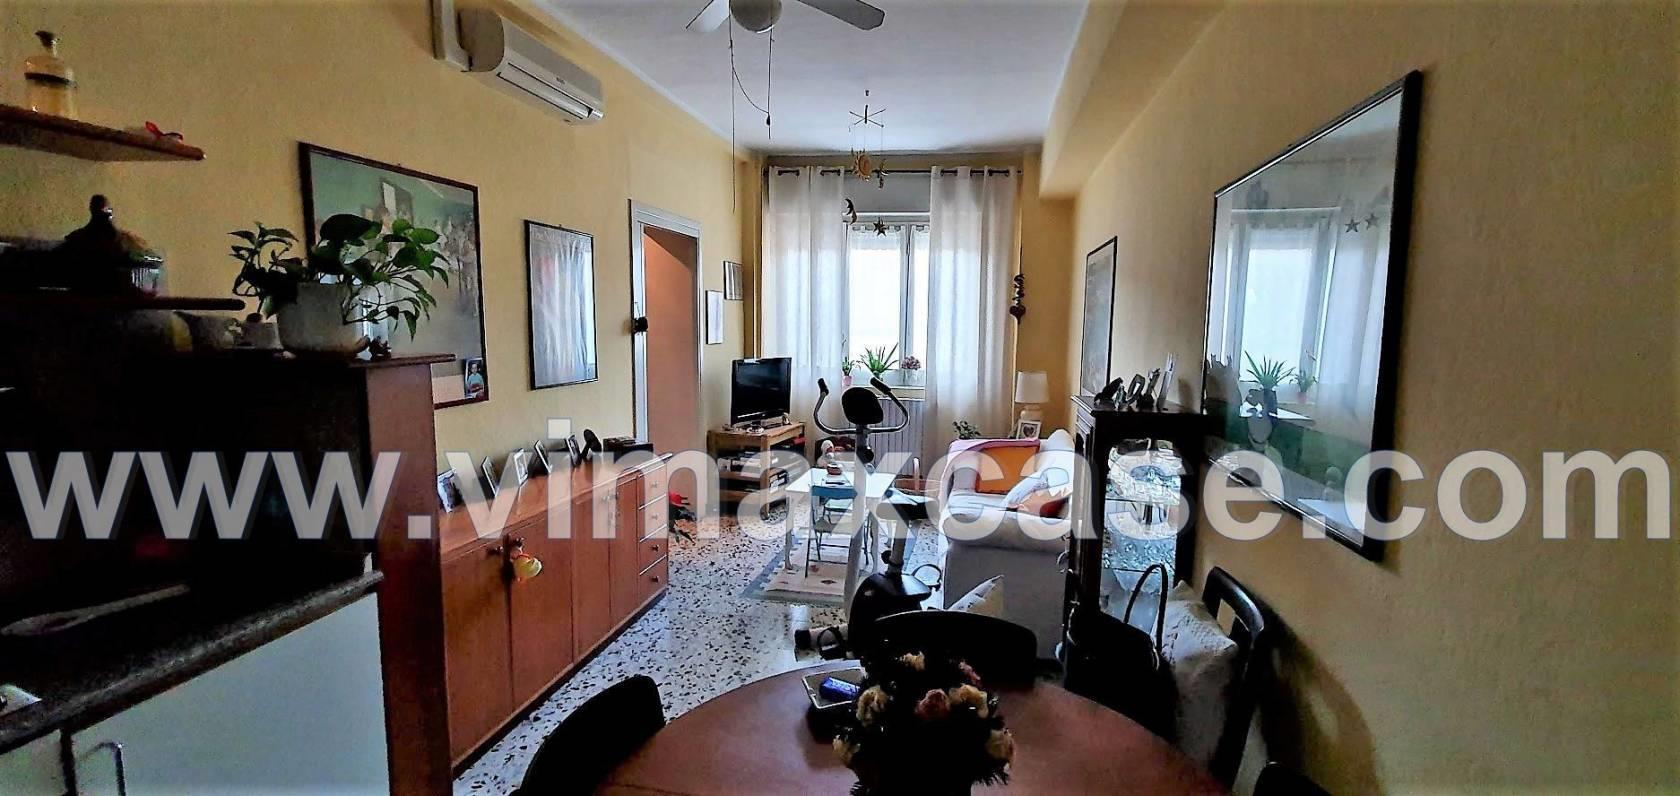 Foto 11 - Appartamento in Vendita - Brugherio (Monza e Brianza)